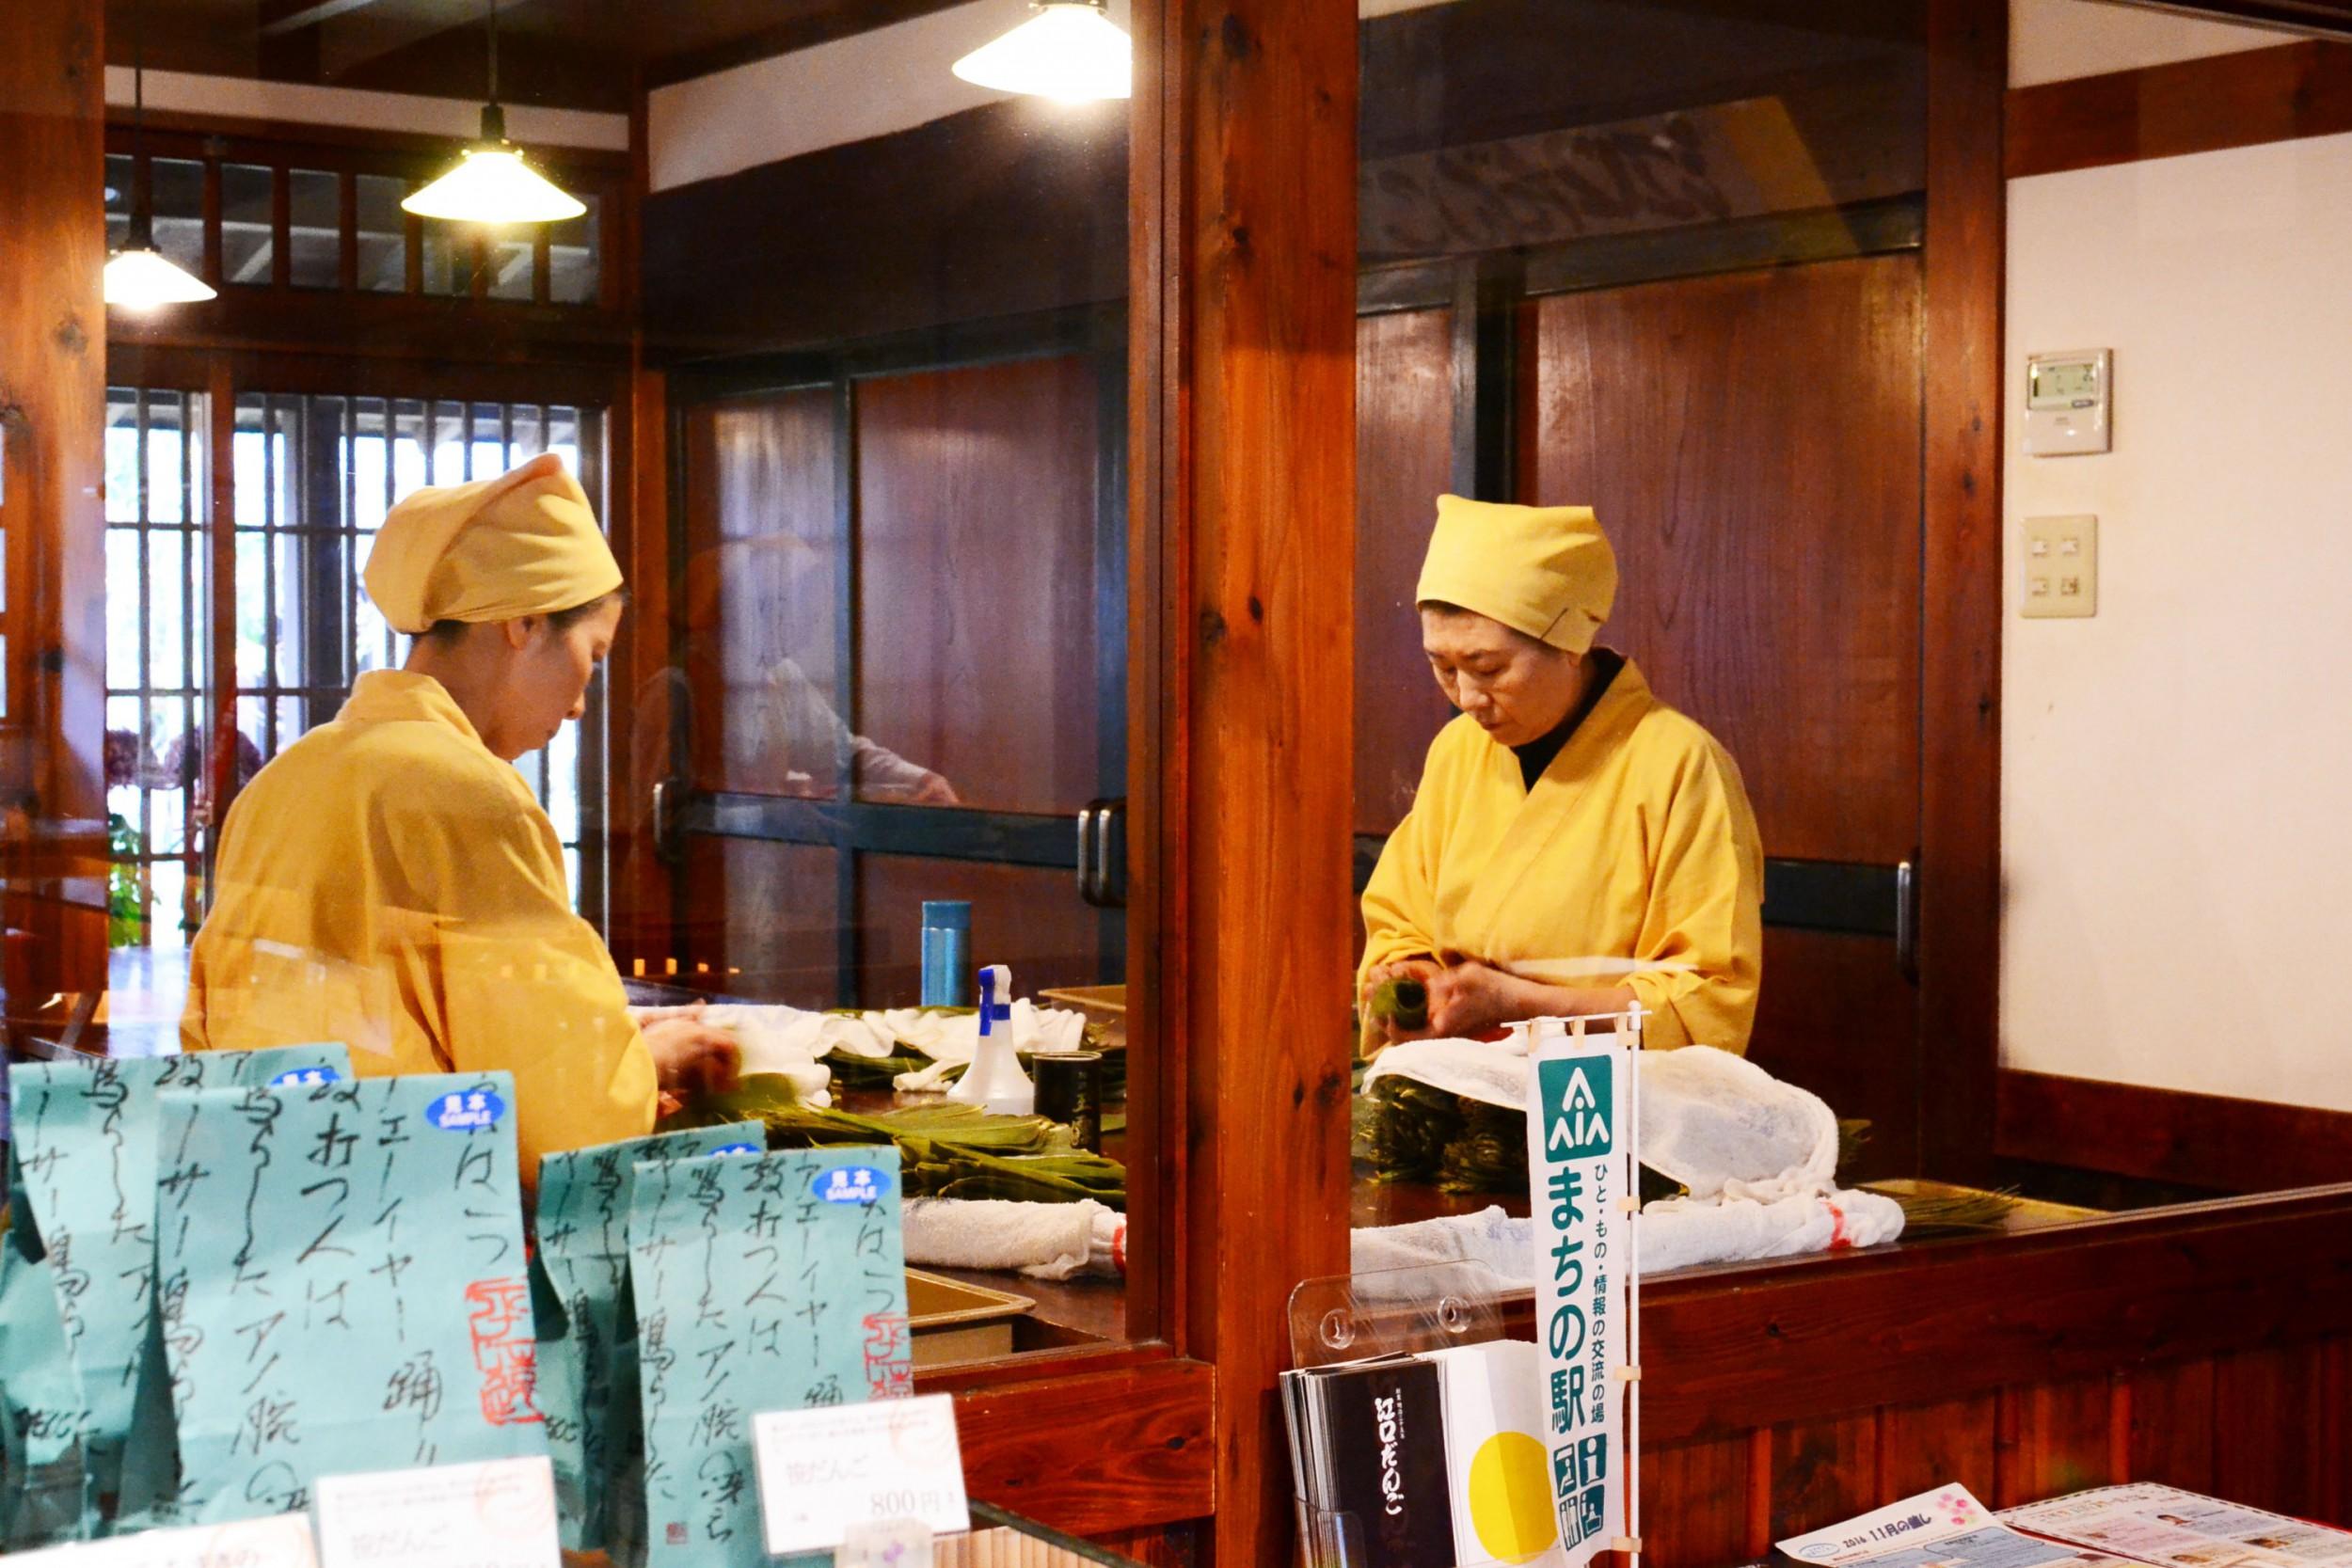 店内では、ベテラン女性職人「匠部」が笹だんごを作る様子を見学できる